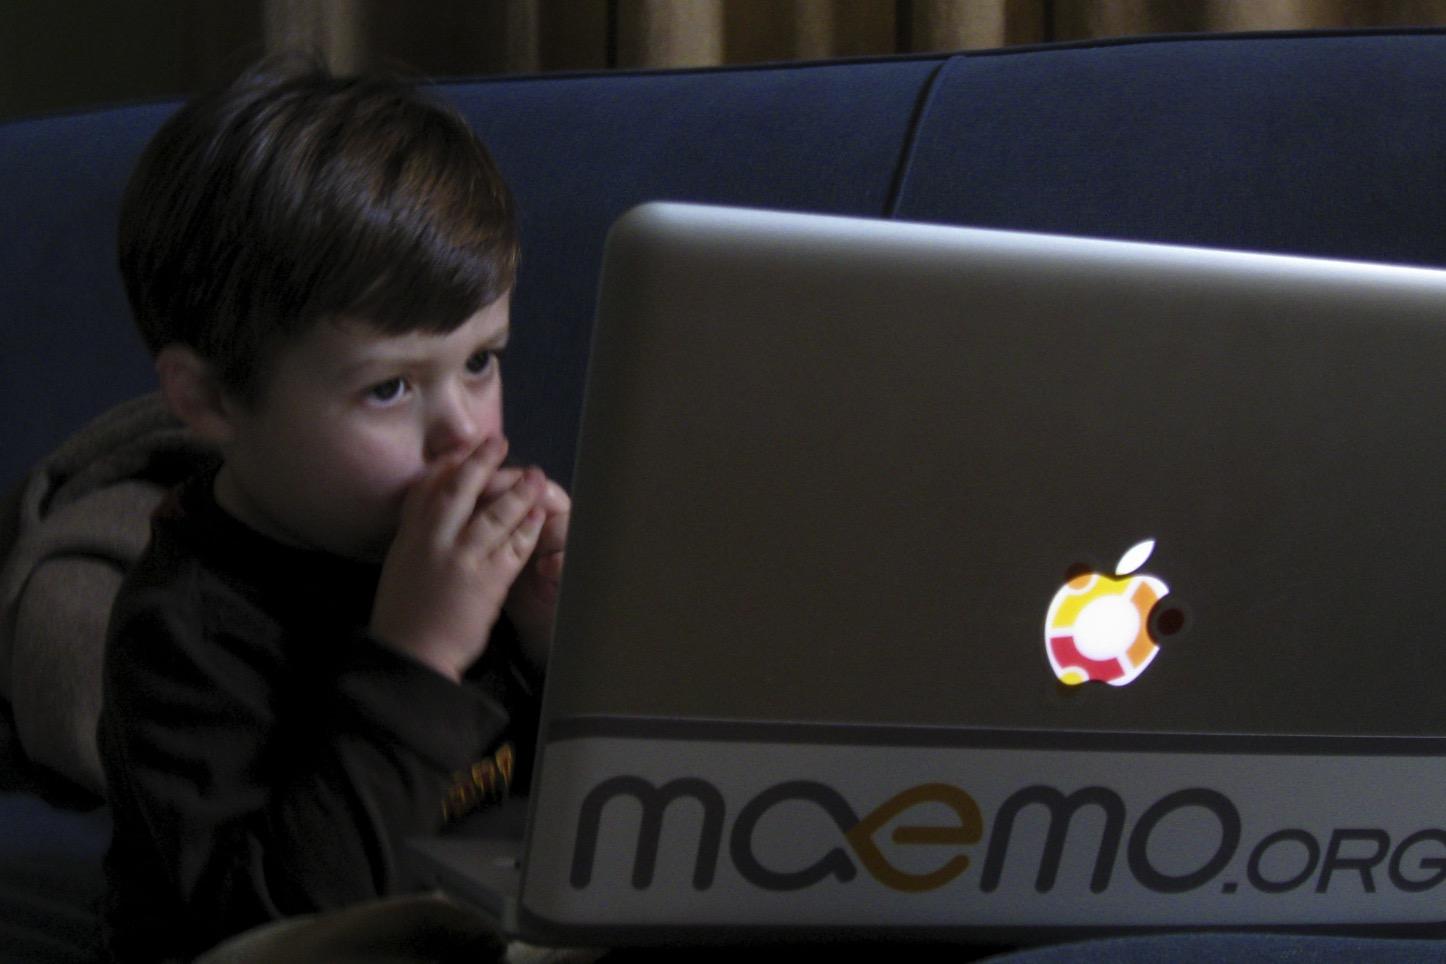 Future developer mac